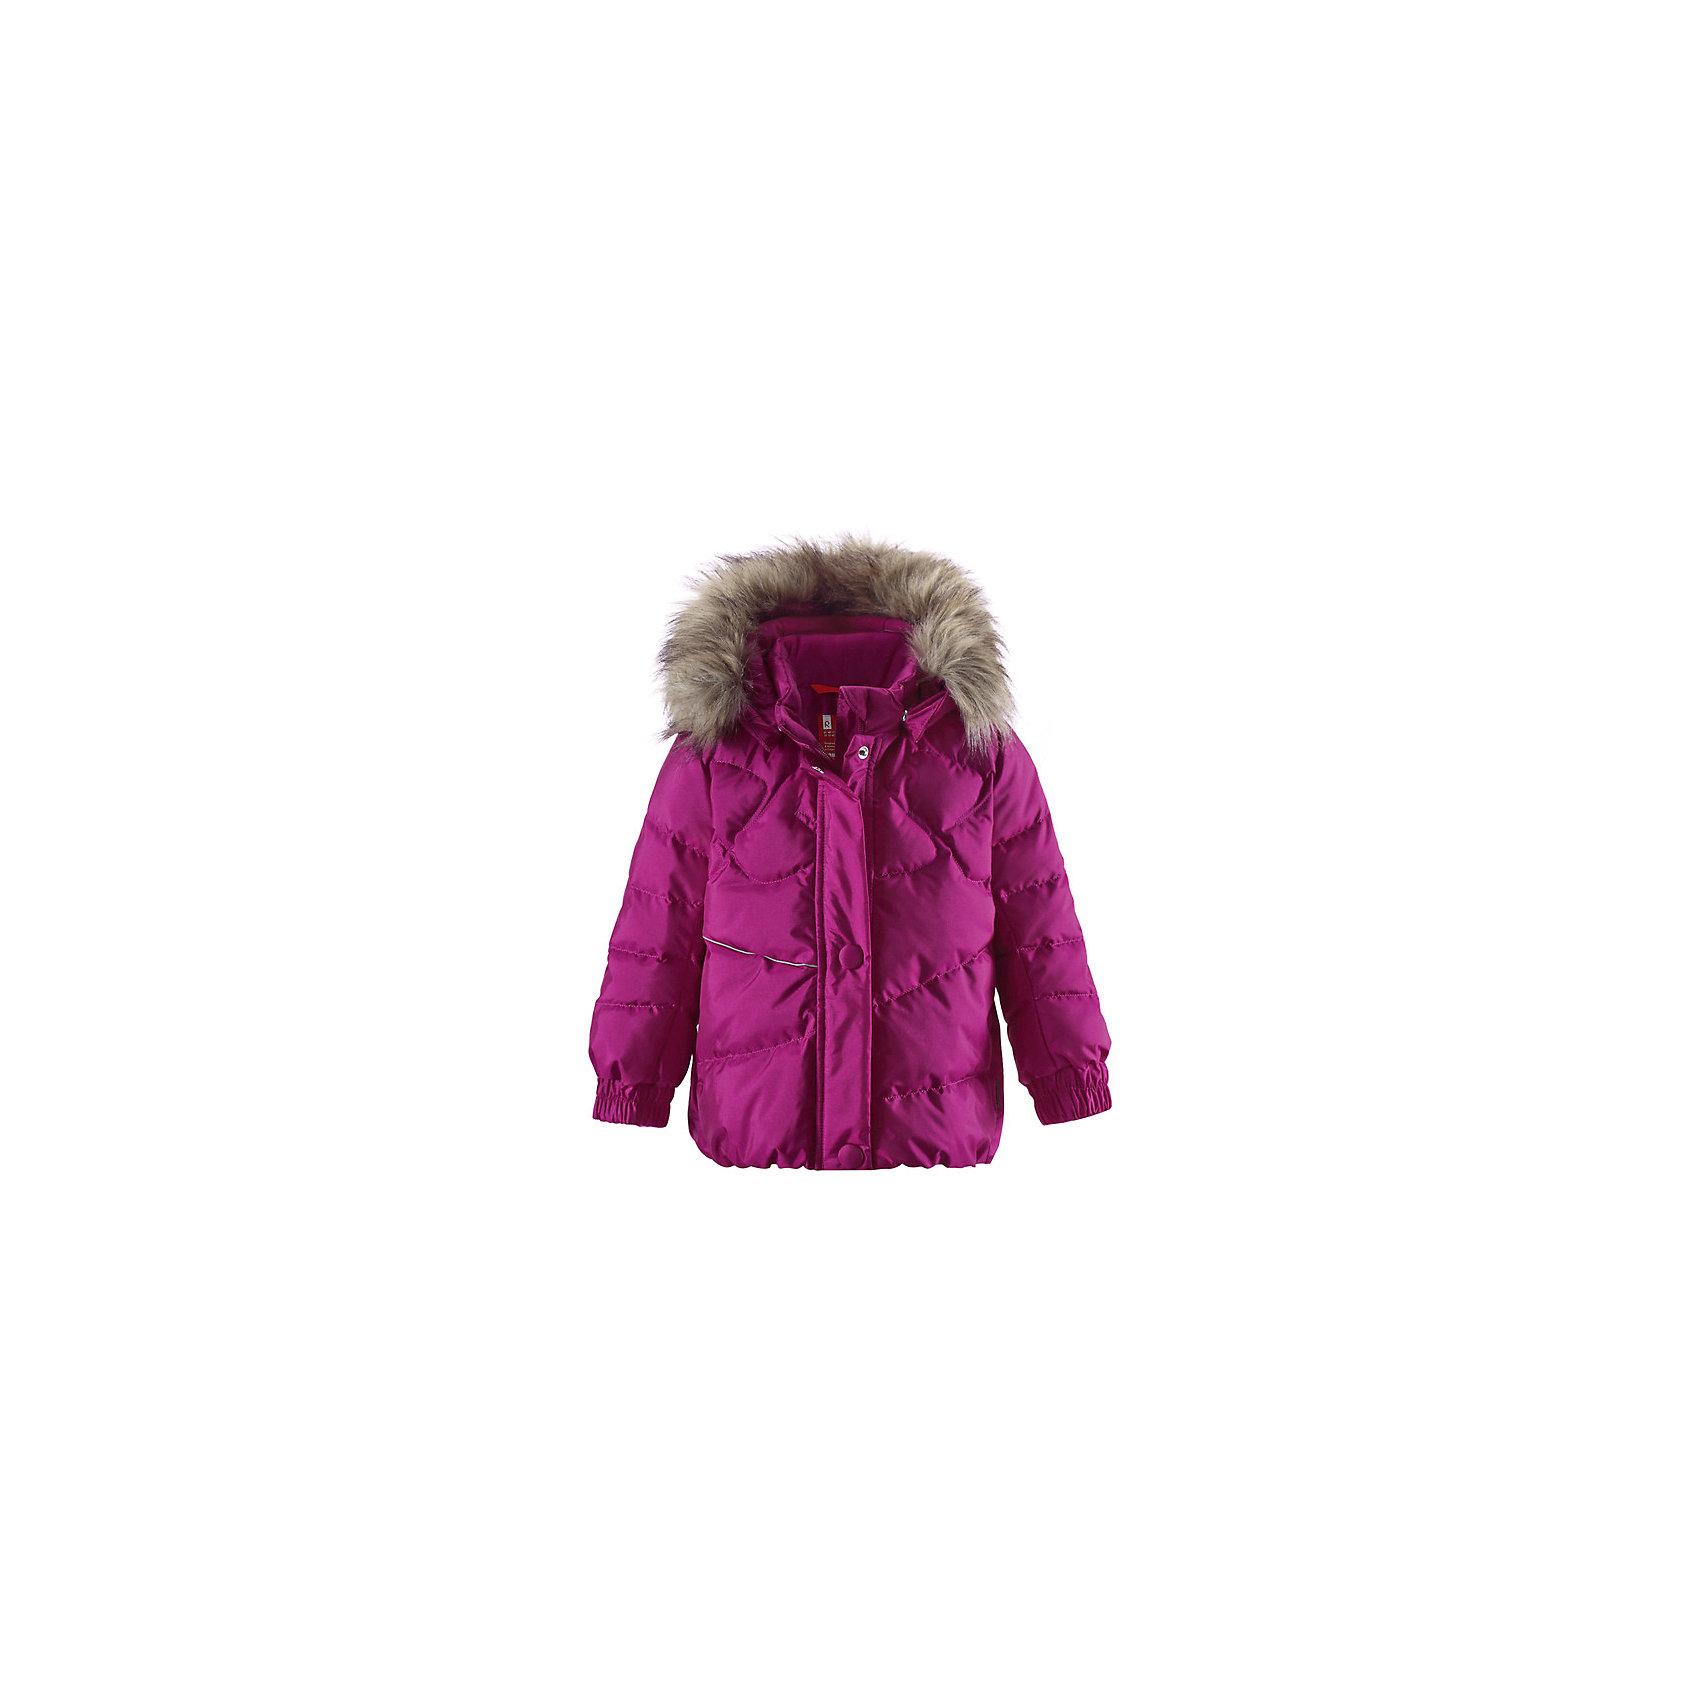 Куртка для девочки ReimaОчаровательный пуховик Kiirus подарит маленькой снежной принцессе тепло и элегантность! Этот тёплый пуховик, сделанный из пропускающего воздух материала, который также отталкивает воду и грязь, идеален для морозных зимних деньков. Съёмный капюшон дополнен стильным искусственным мехом, который при желании можно отстегнуть. Если закреплённый кнопками капюшон зацепится за что-нибудь, он легко отстегнётся. Пуховик с подкладкой из гладкого полиэстера легко надевается и удобно носится с тёплым промежуточным слоем. Эластичная сборка сзади на талии и слегка пышный подол придают пуховику особый стиль и фасон. Впереди и сзади модель для девочек украшена красивой декоративной строчкой. Во время прогулки в боковые карманы на молниях можно положить свои сокровища, а светоотражающие детали обеспечат дополнительную безопасность после захода солнца. Выбери свой любимый цвет из восхитительных модных оттенков этой зимы!<br><br> Пуховик для малышей, модель для девочек<br> Резинка сзади на талии<br> Безопасный съёмный капюшон с отстёгивающейся отделкой из искусственного меха<br> Два кармана на молниях<br>Состав:<br>55% ПА 45% ПЭ, ПУ-покрытие<br>Высокая степень утепления (до - 30)<br>Утеплитель: пух<br><br>Куртку для девочки Reima (Рейма) можно купить в нашем магазине.<br><br>Ширина мм: 356<br>Глубина мм: 10<br>Высота мм: 245<br>Вес г: 519<br>Цвет: розовый<br>Возраст от месяцев: 12<br>Возраст до месяцев: 15<br>Пол: Женский<br>Возраст: Детский<br>Размер: 80,92,98,86,74<br>SKU: 4208059